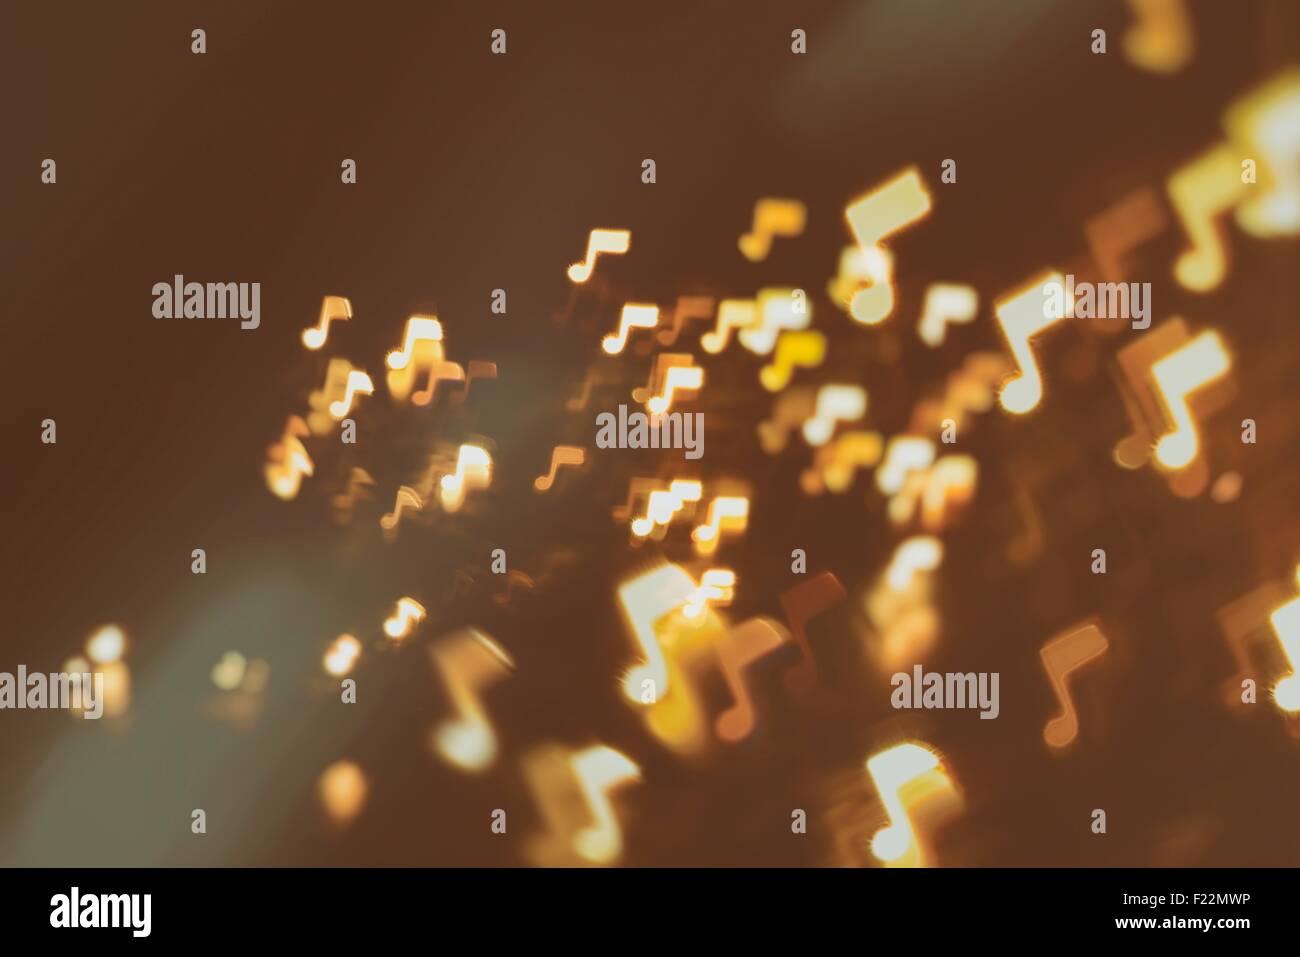 La musique, le son et l'arrière-plan flou abstrait notes (notes signe voler dans l'espace) Photo Stock